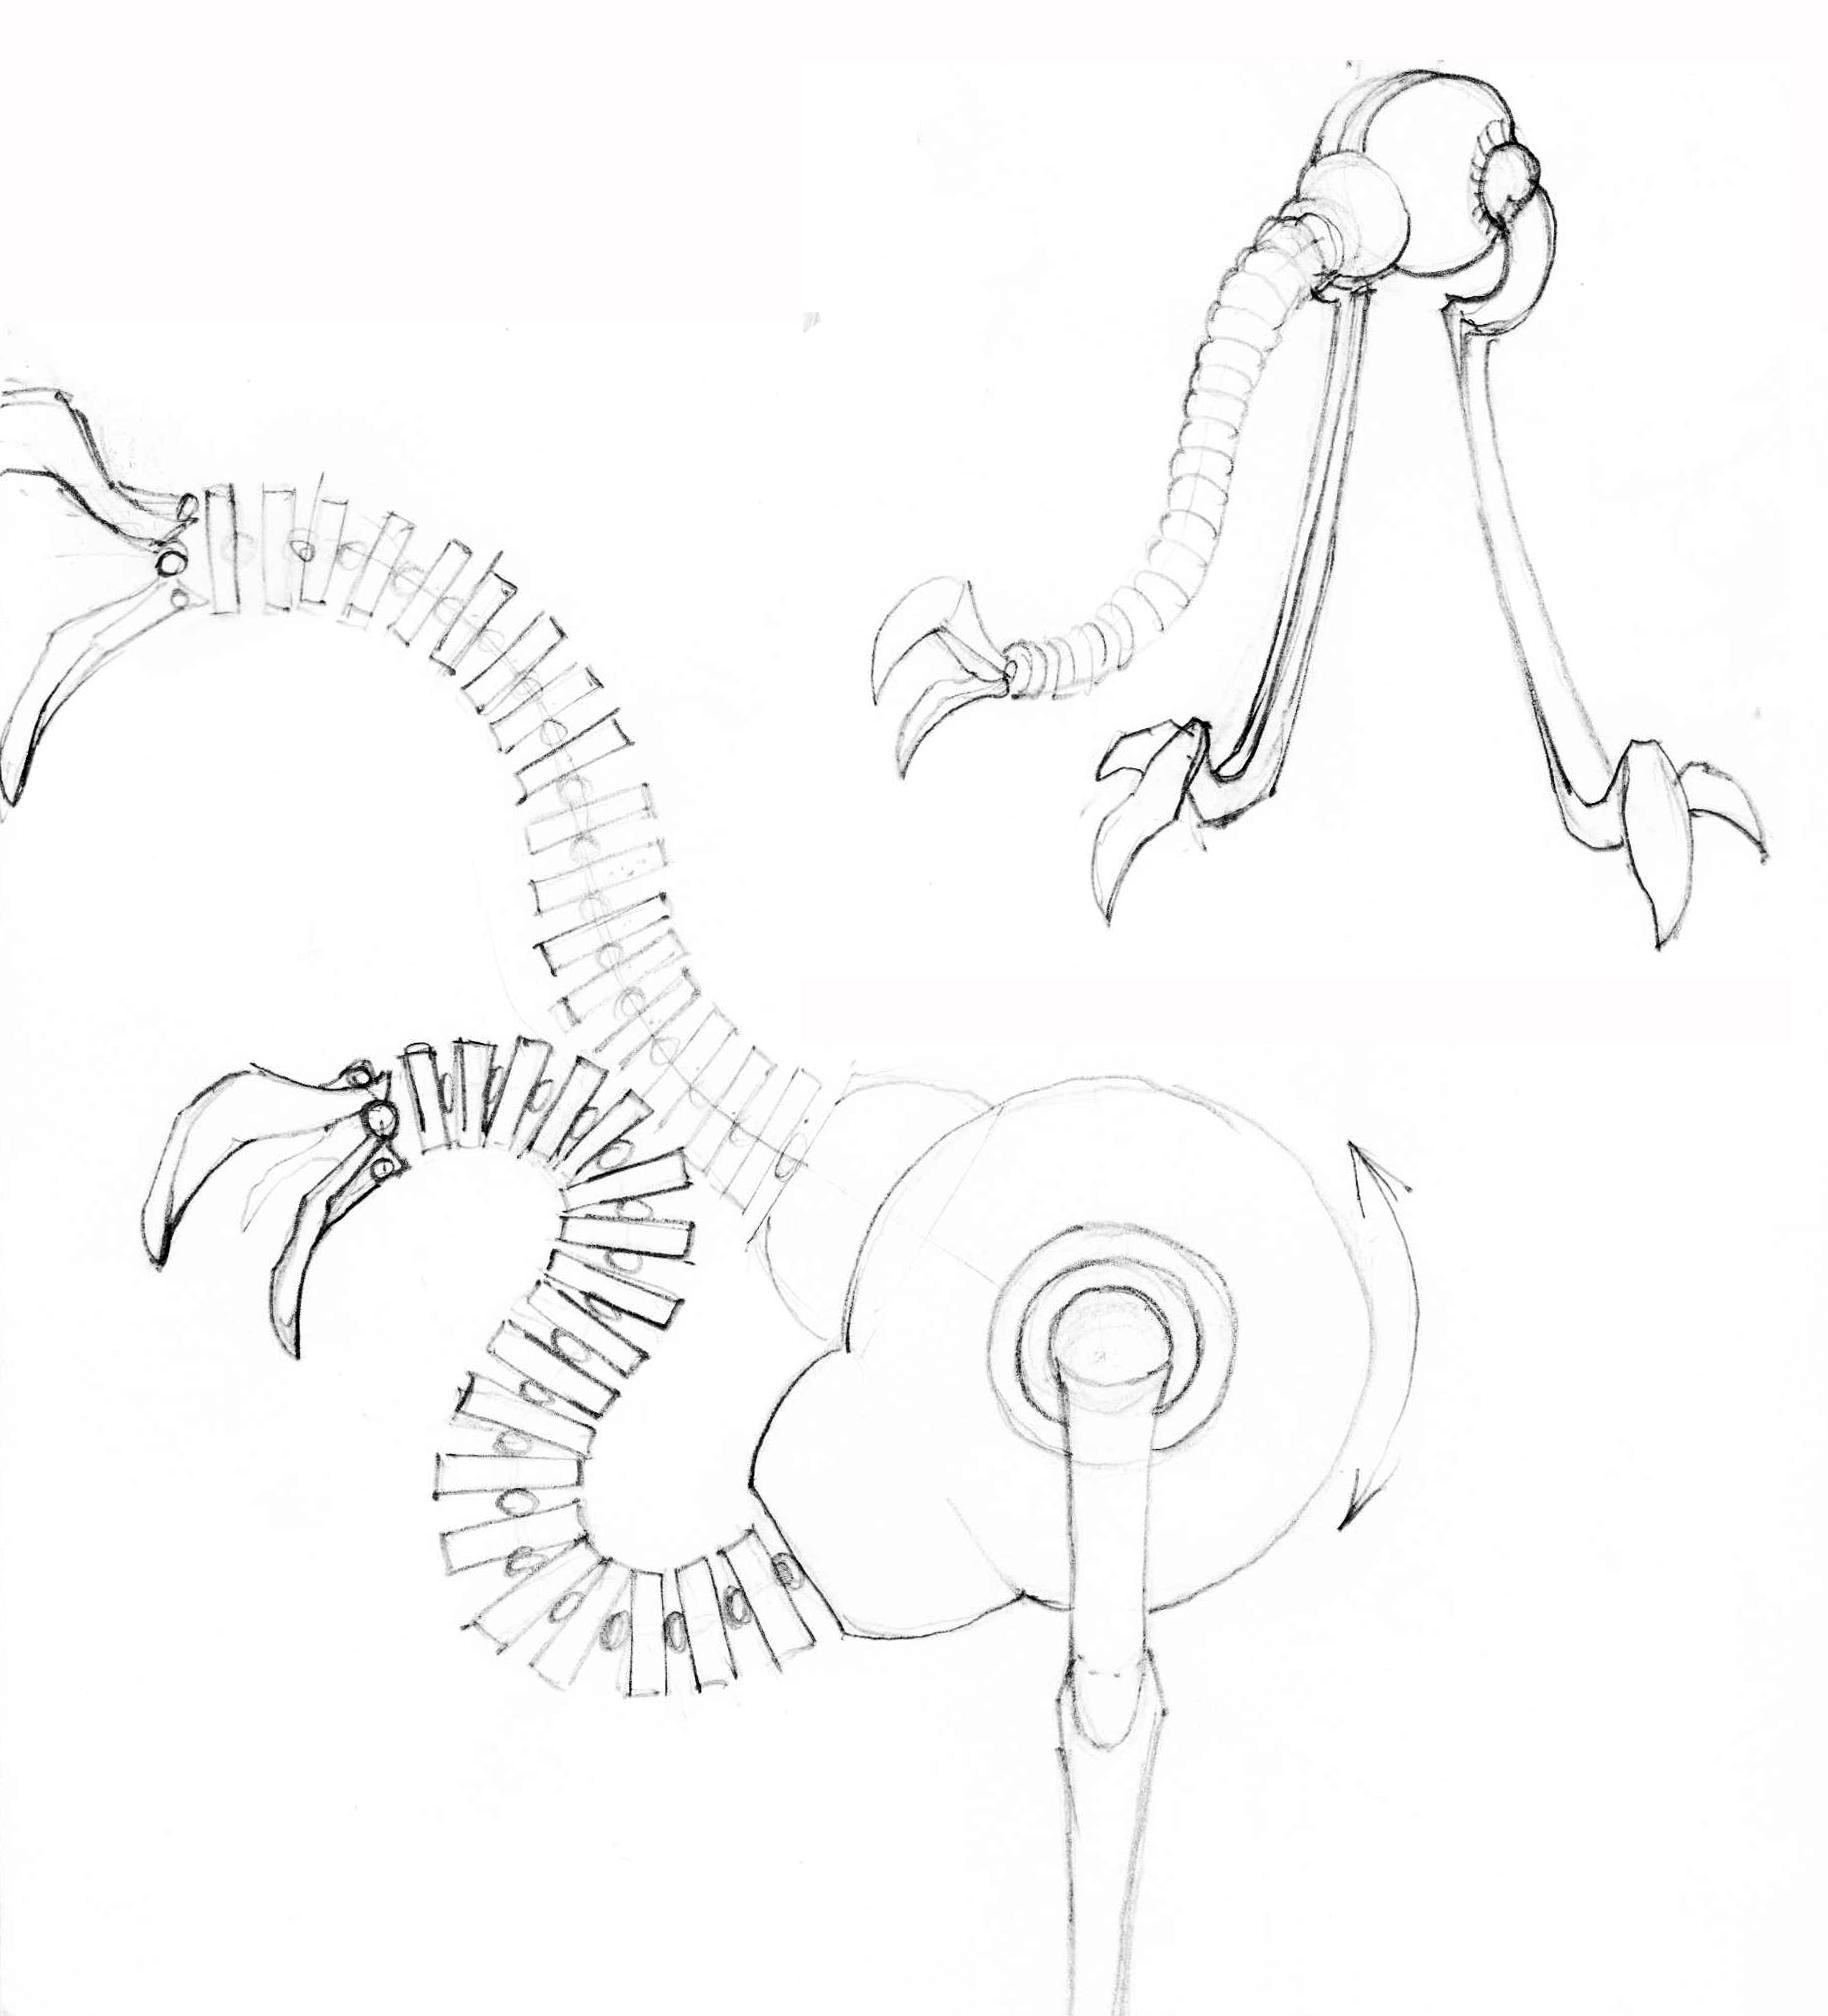 BNPF Concept Art